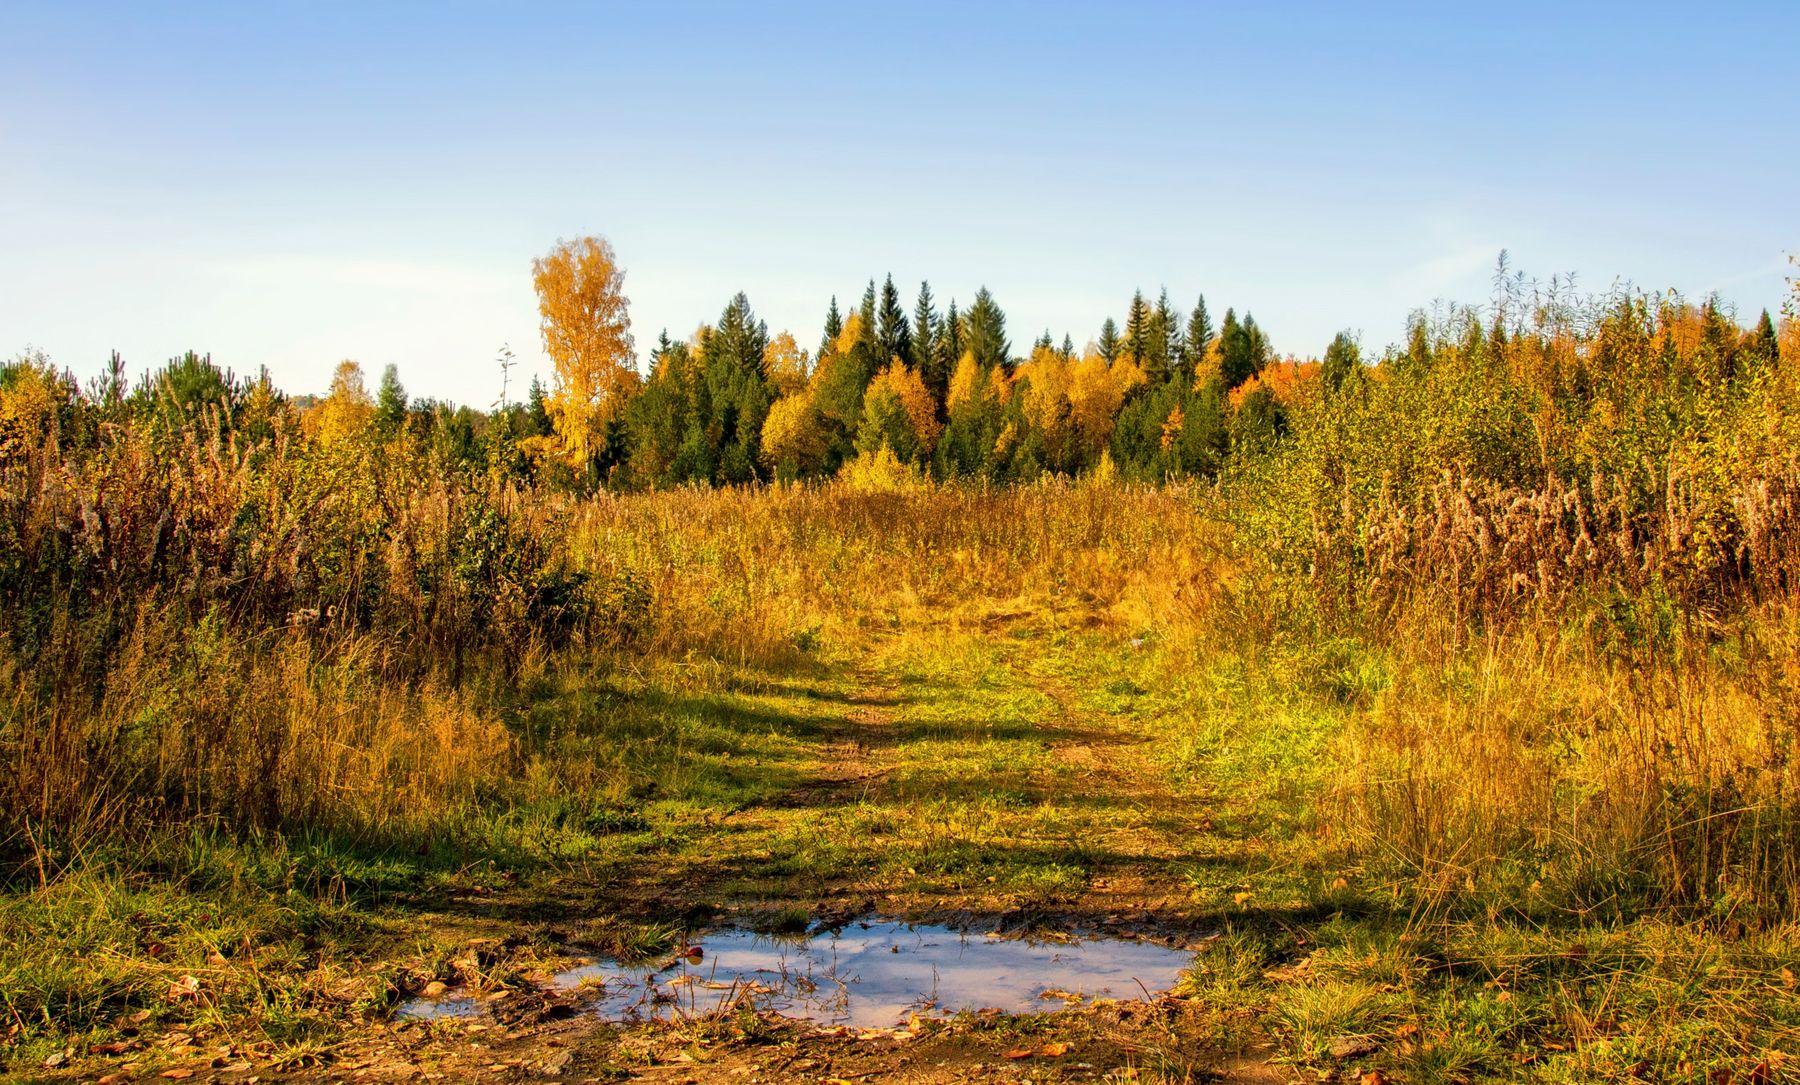 осенняя фоточка россия урал осень природа пейзаж дорога лес деревья поле вода перспектива